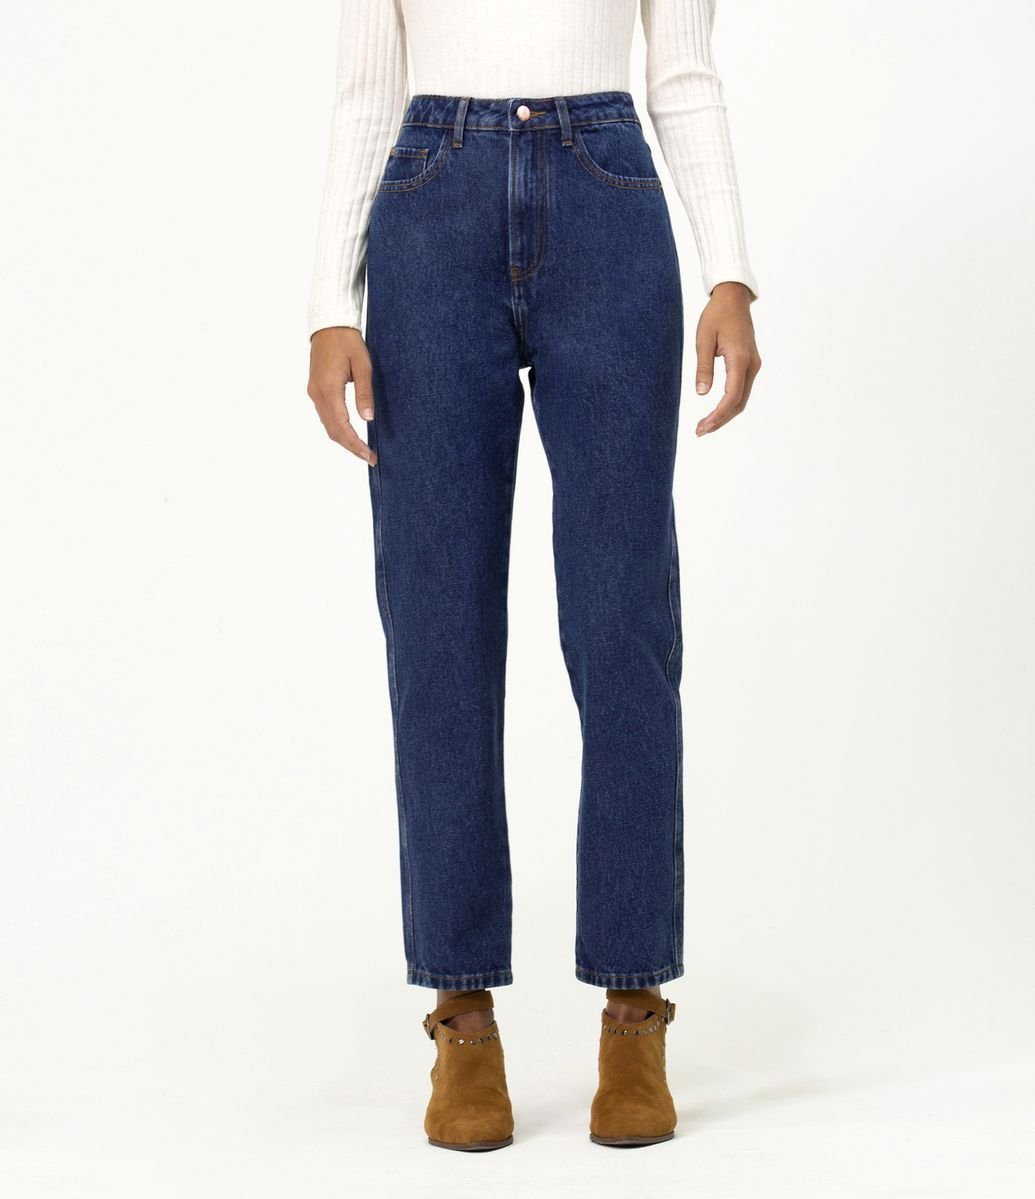 0677de479fed Calca Jeans Mom Lisa - Renner